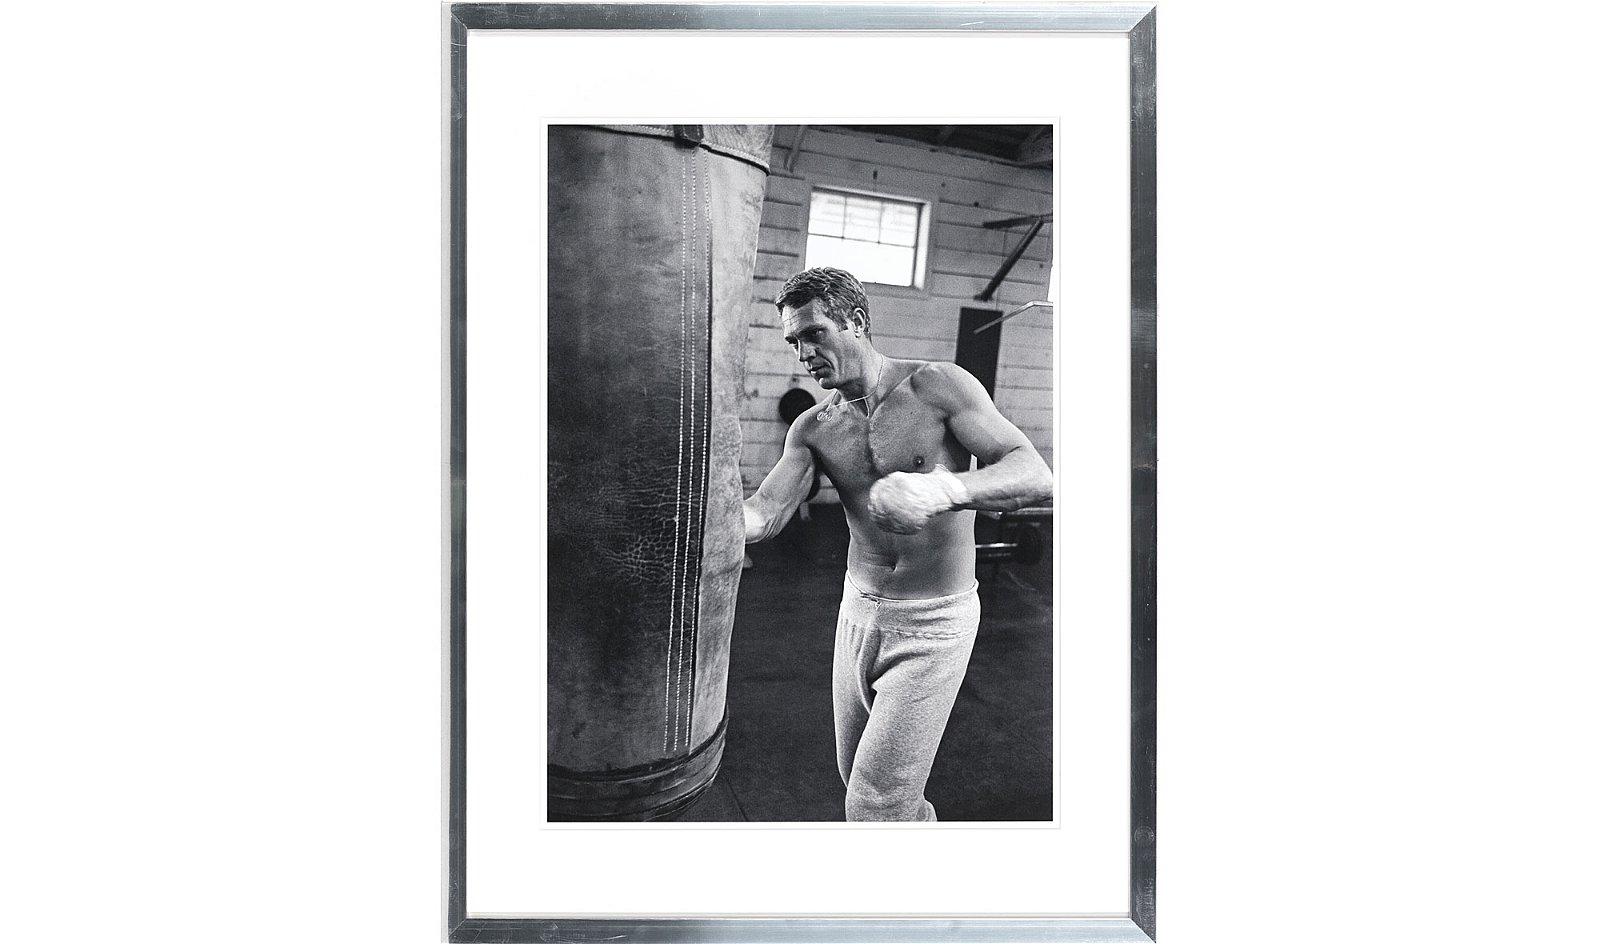 Cuadro Steve McQueen Boxeando marco en aluminio